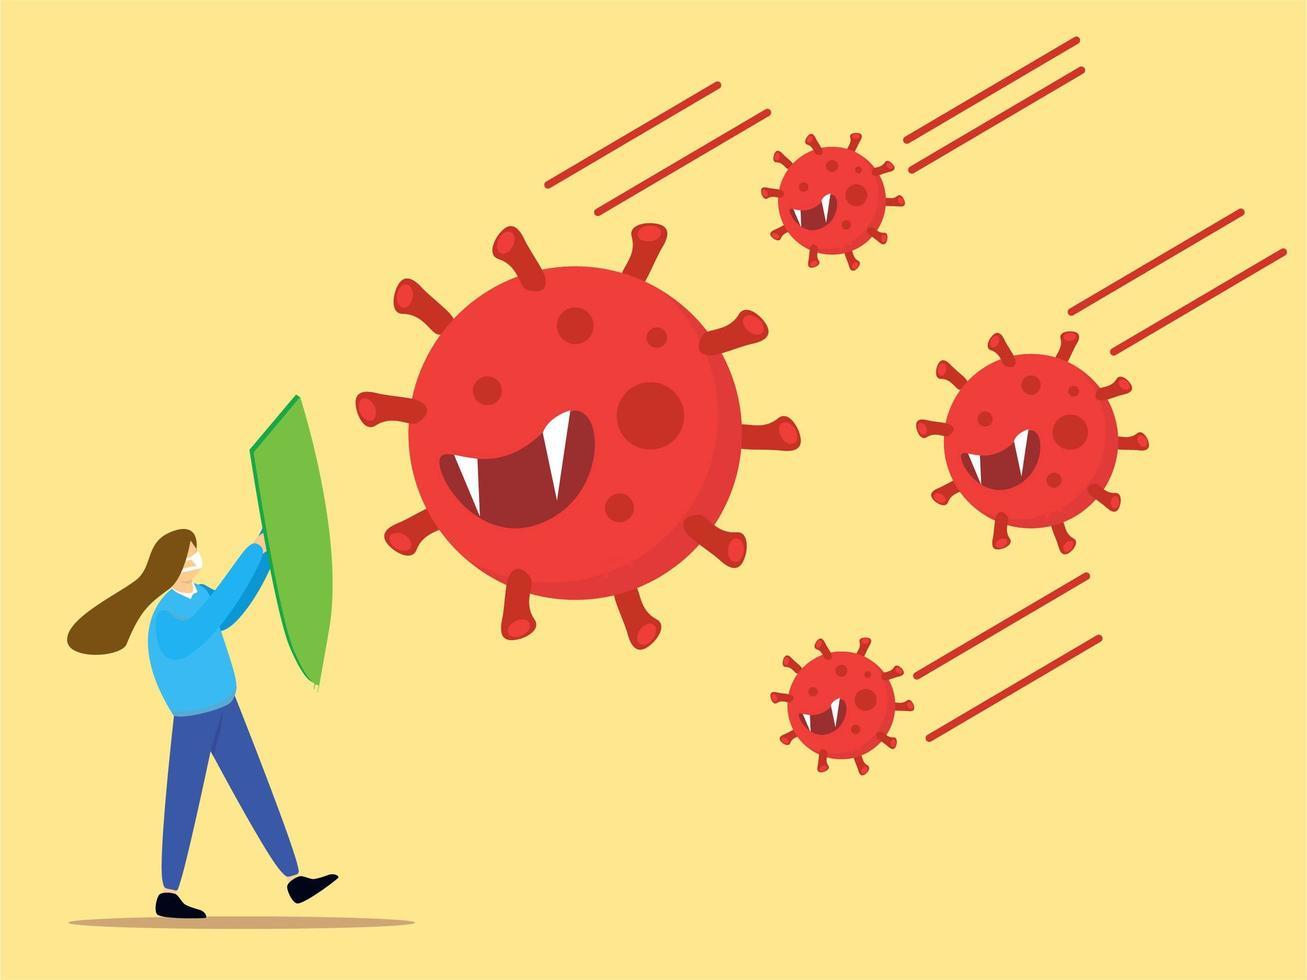 Mädchen mit Schild zum Schutz vor Coronavirus vektor